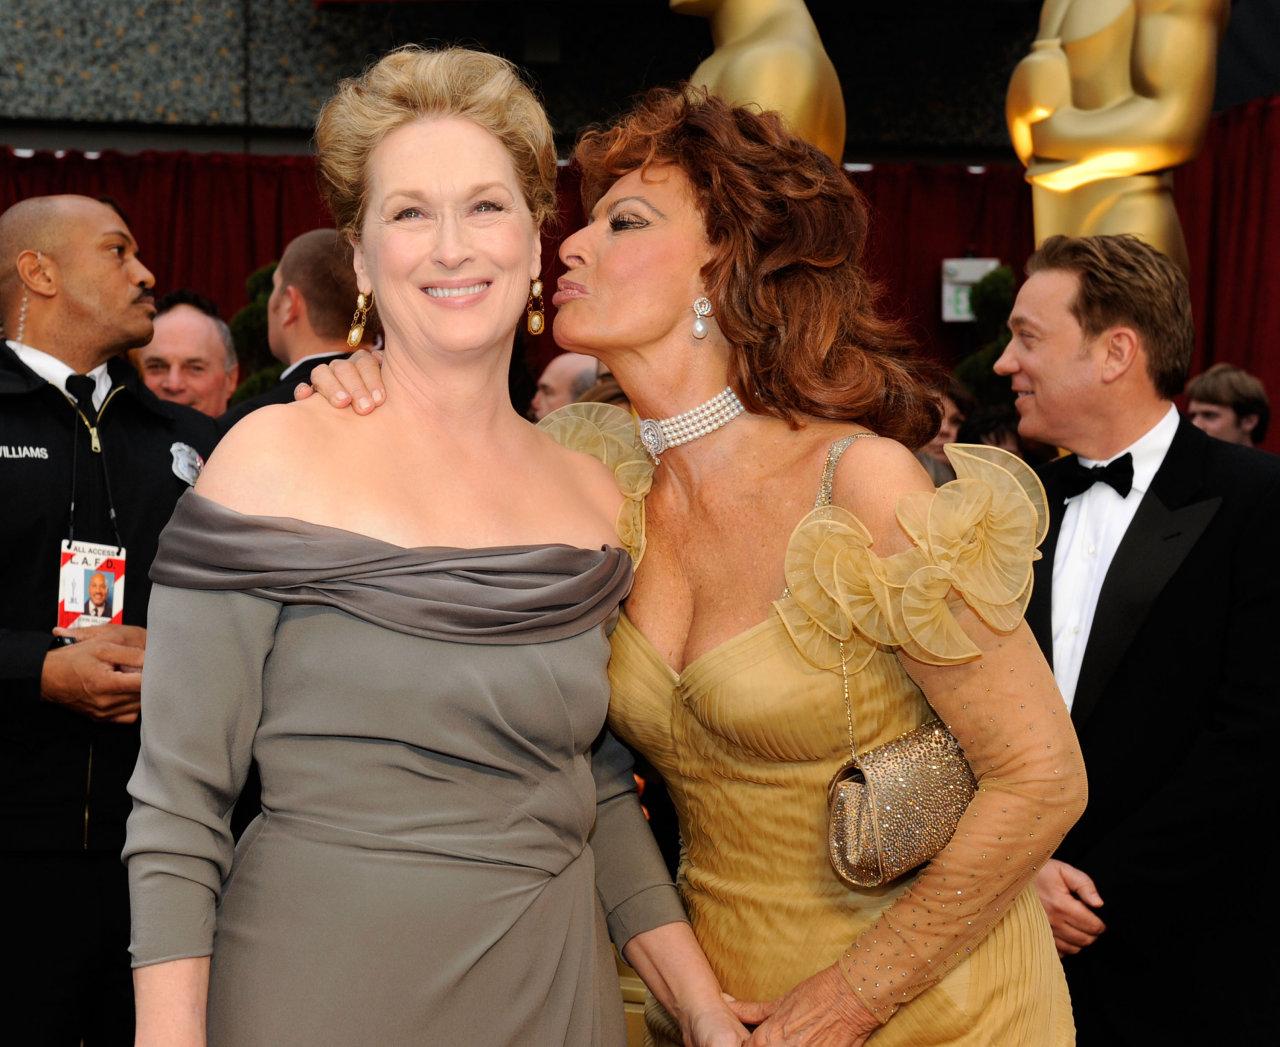 http://2.bp.blogspot.com/_k0qcqtNtpOY/THhZujONvFI/AAAAAAAAUT4/mn3jWUqE8Gw/s1600/Meryl-Streep-1269415.jpg